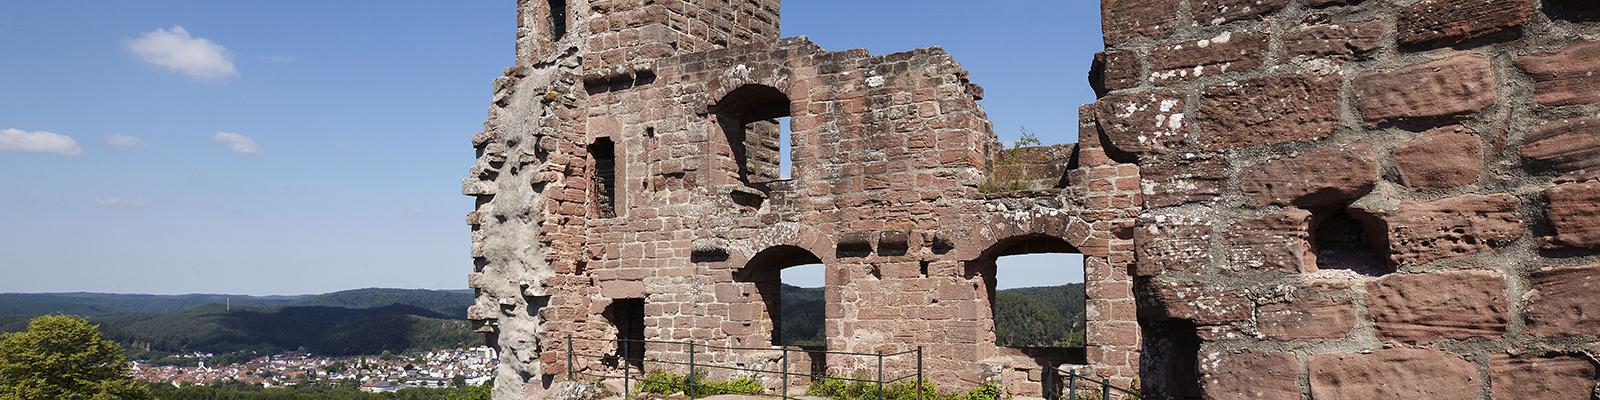 Burganlage Altdahn © GDKE, U. Pfeuffer